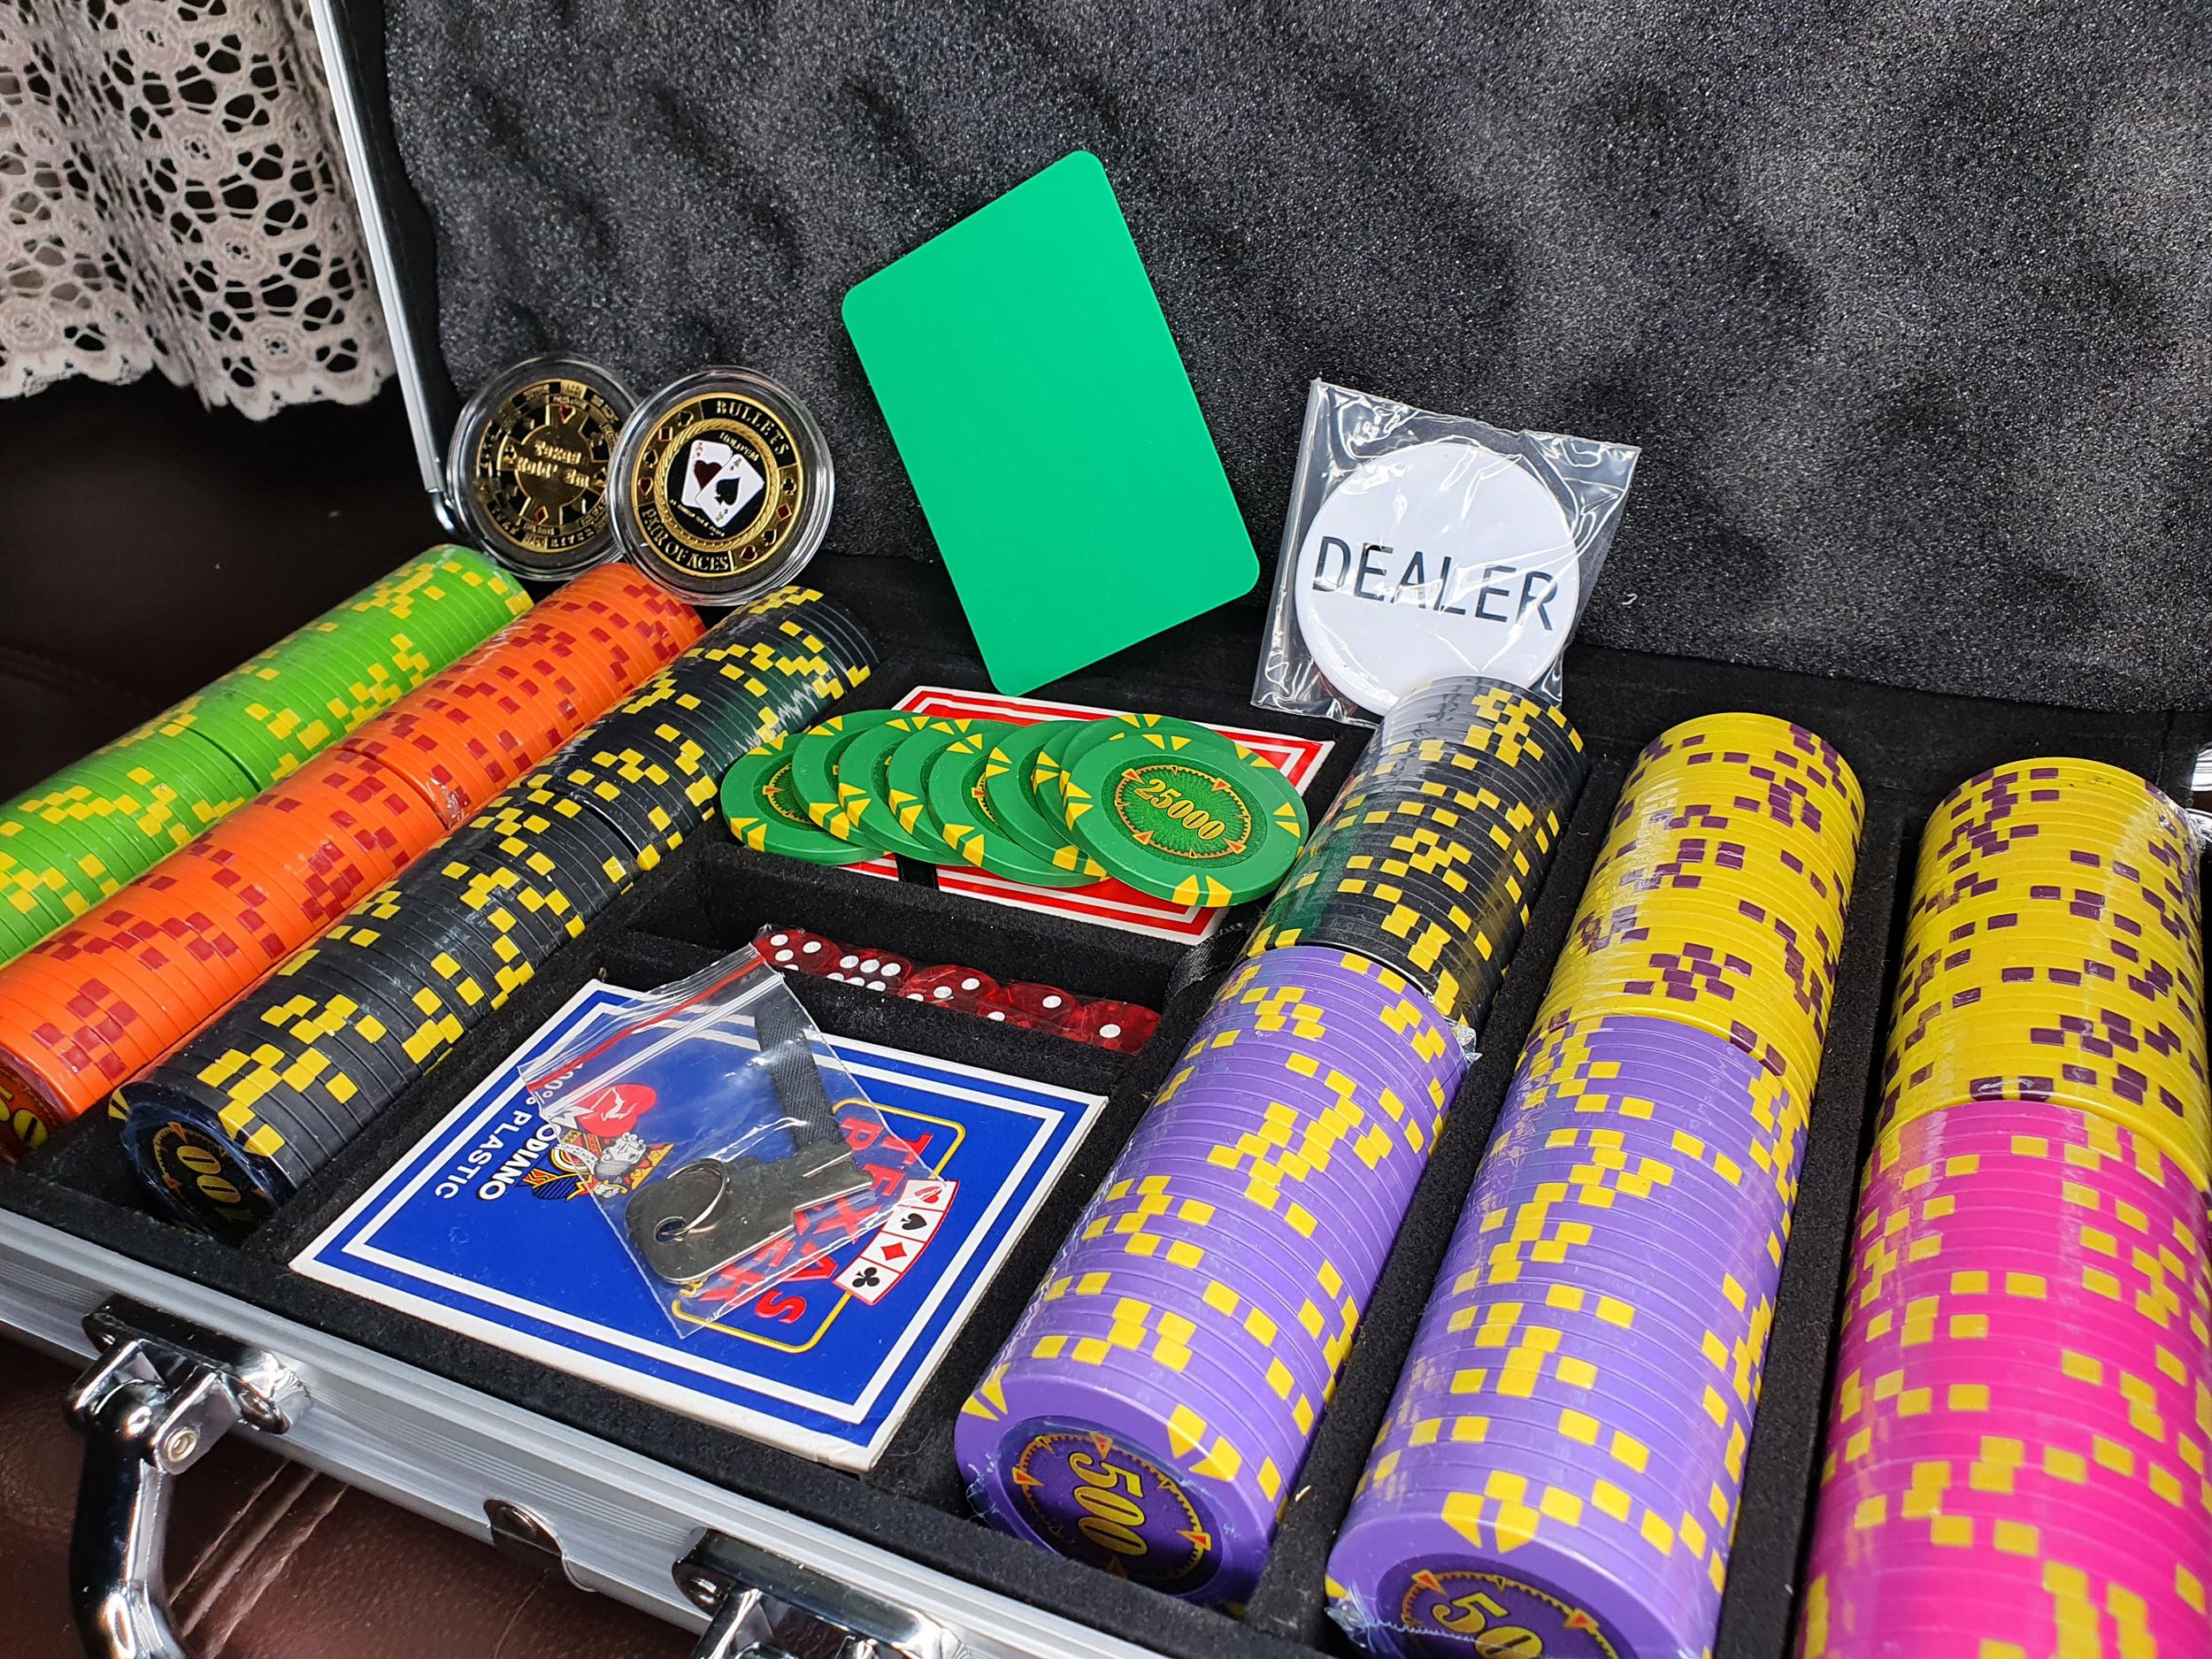 Набор для покера Compass на 300 жетонов с фишками на выбор клиент Алексей из Бахмута